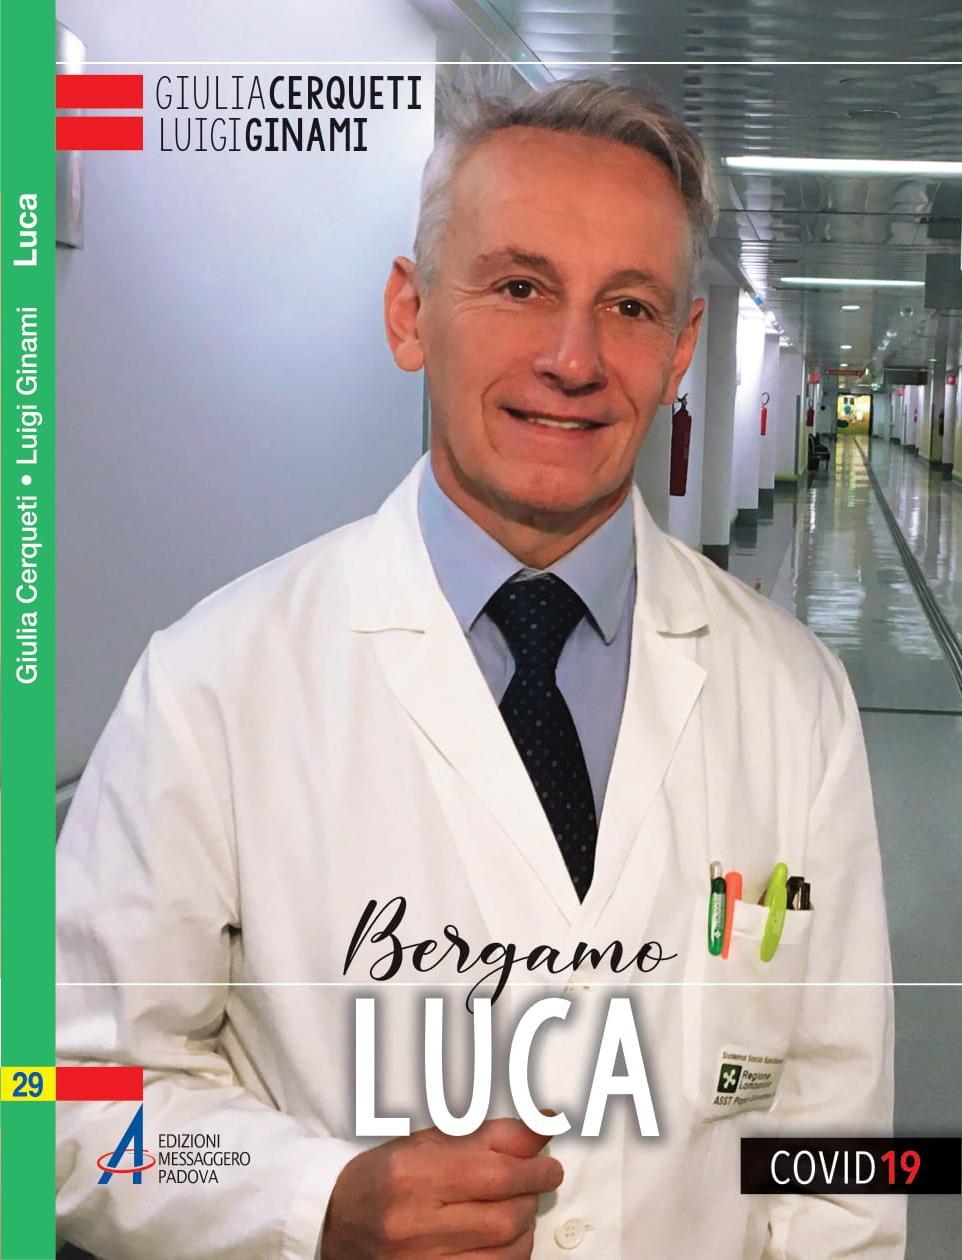 La copertina del libro 'Luca: Bergamo'